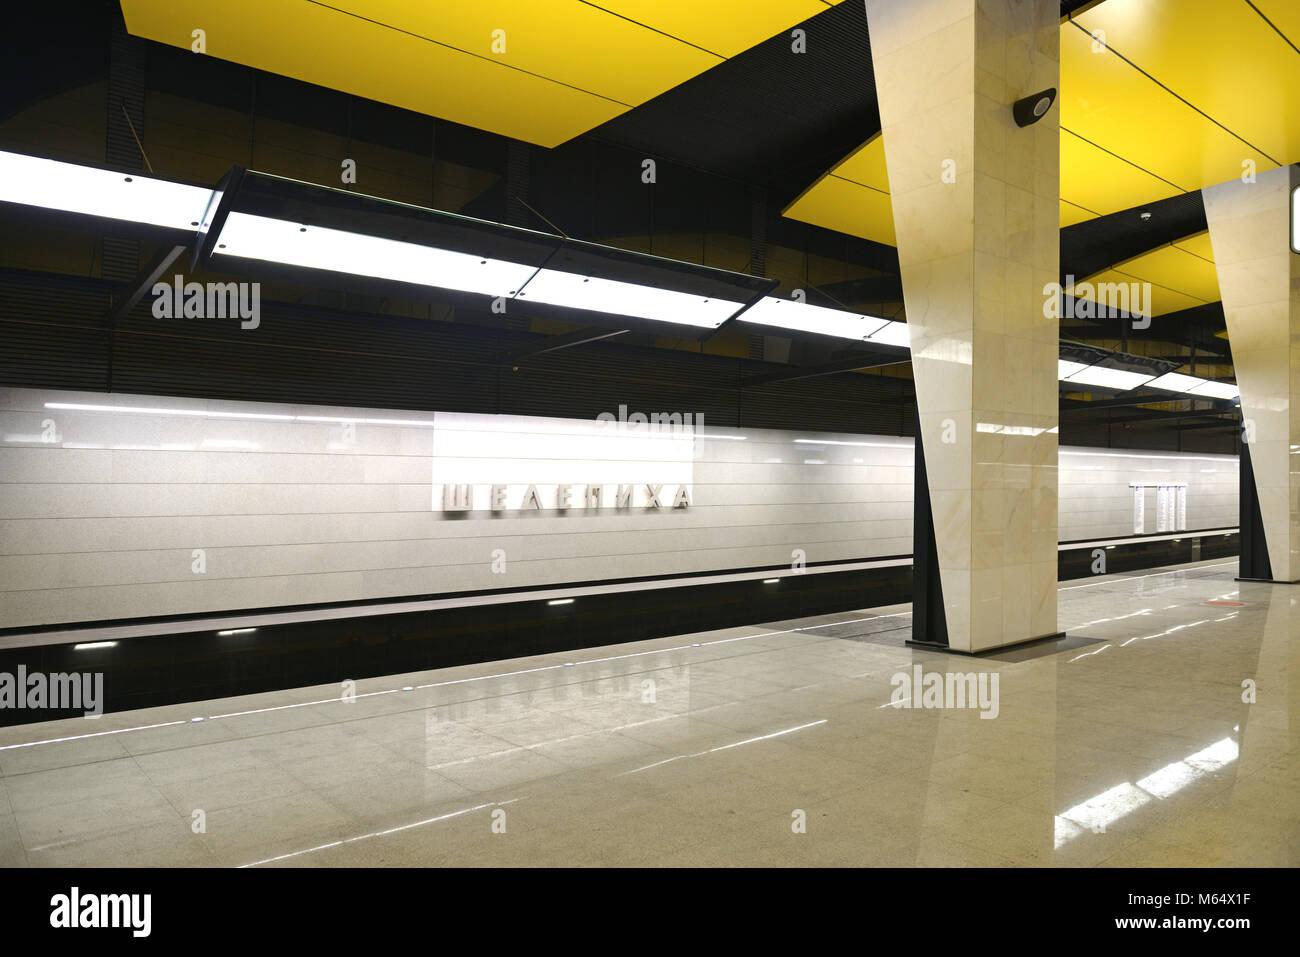 Shelepikha, Station auf der Straße Bolshaya Koltsevaya Linie der Moskauer Metro. Es eröffnet am 26. Februar Stockbild